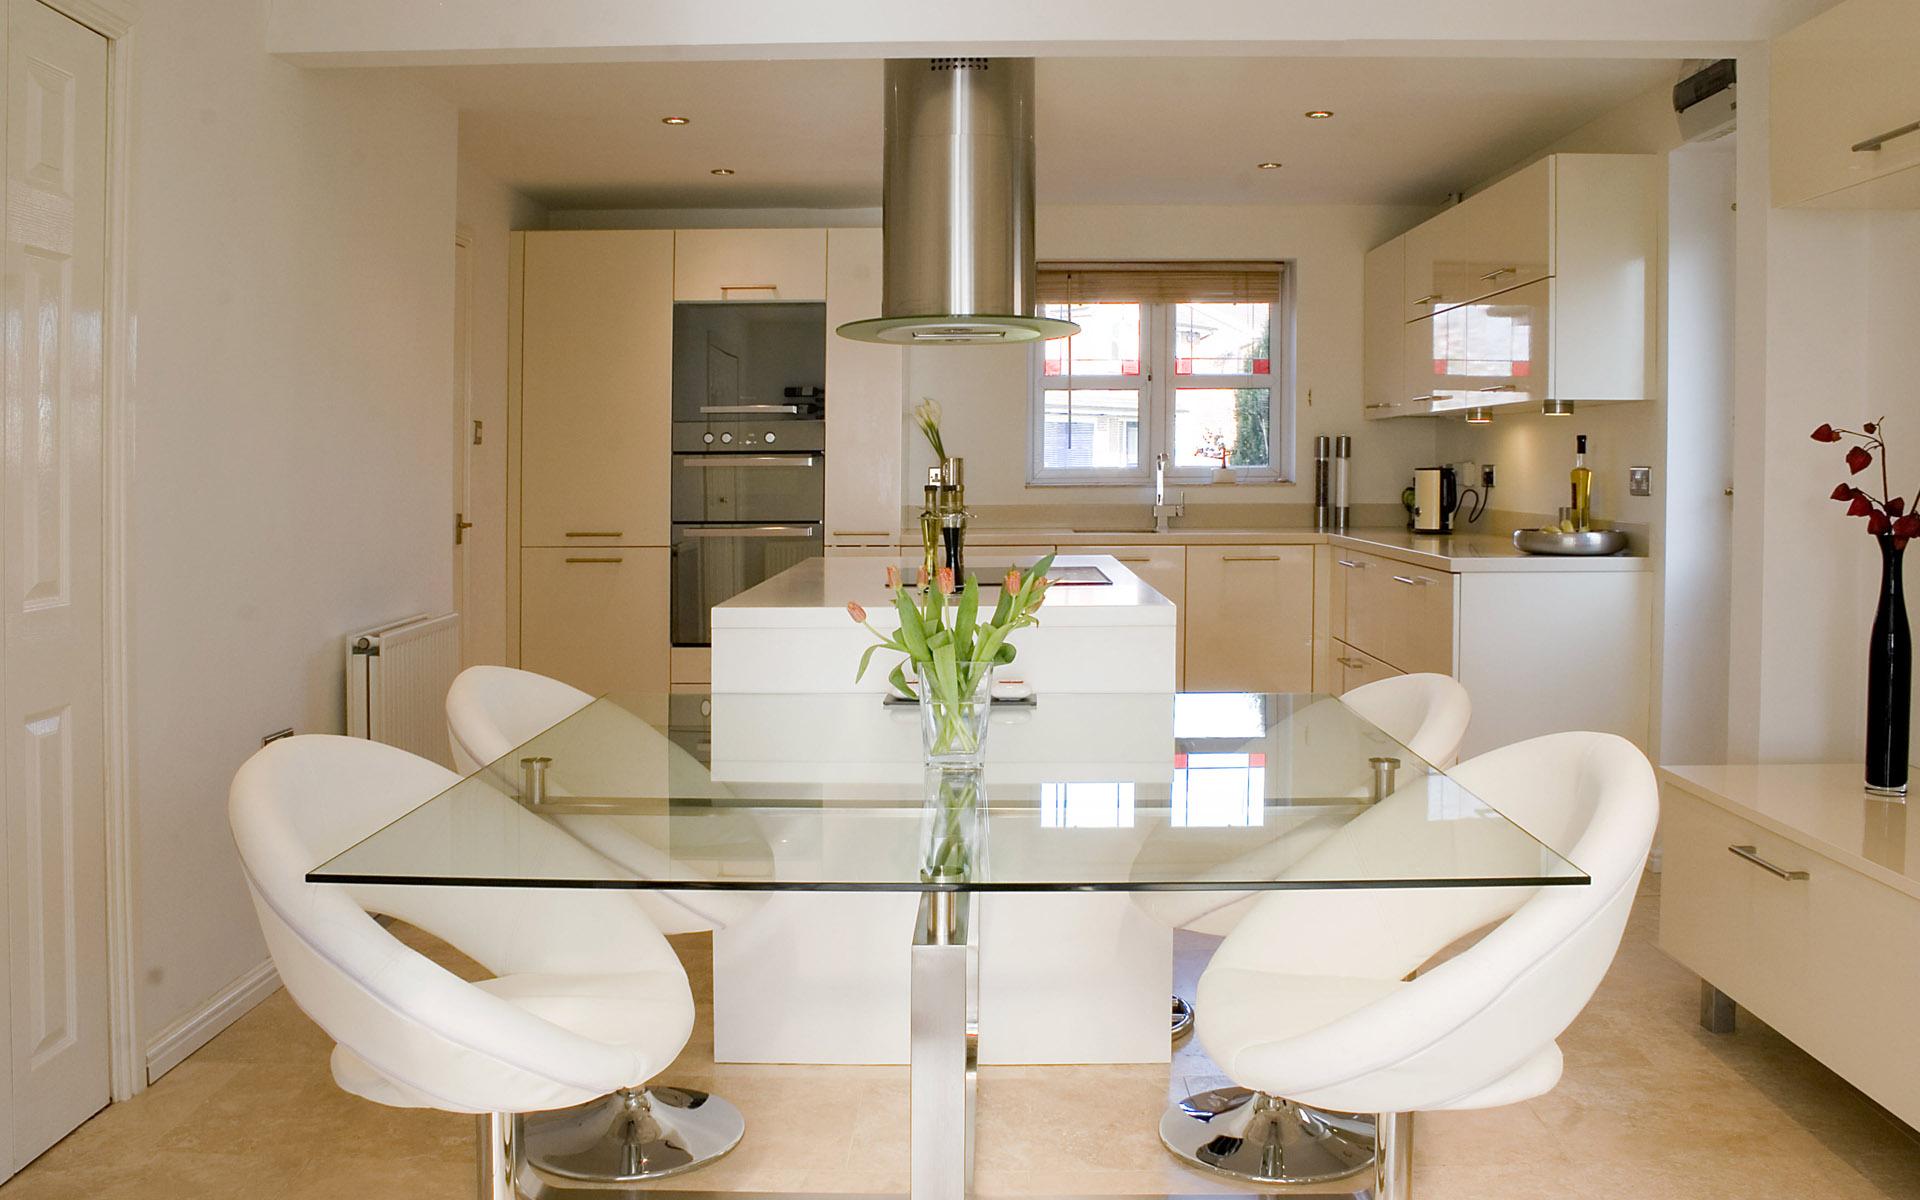 Cocinas Comedor Diseo Cocinas Abiertas Salon Espacio Pequeno  # Muebles De Cocina Jaque Mate